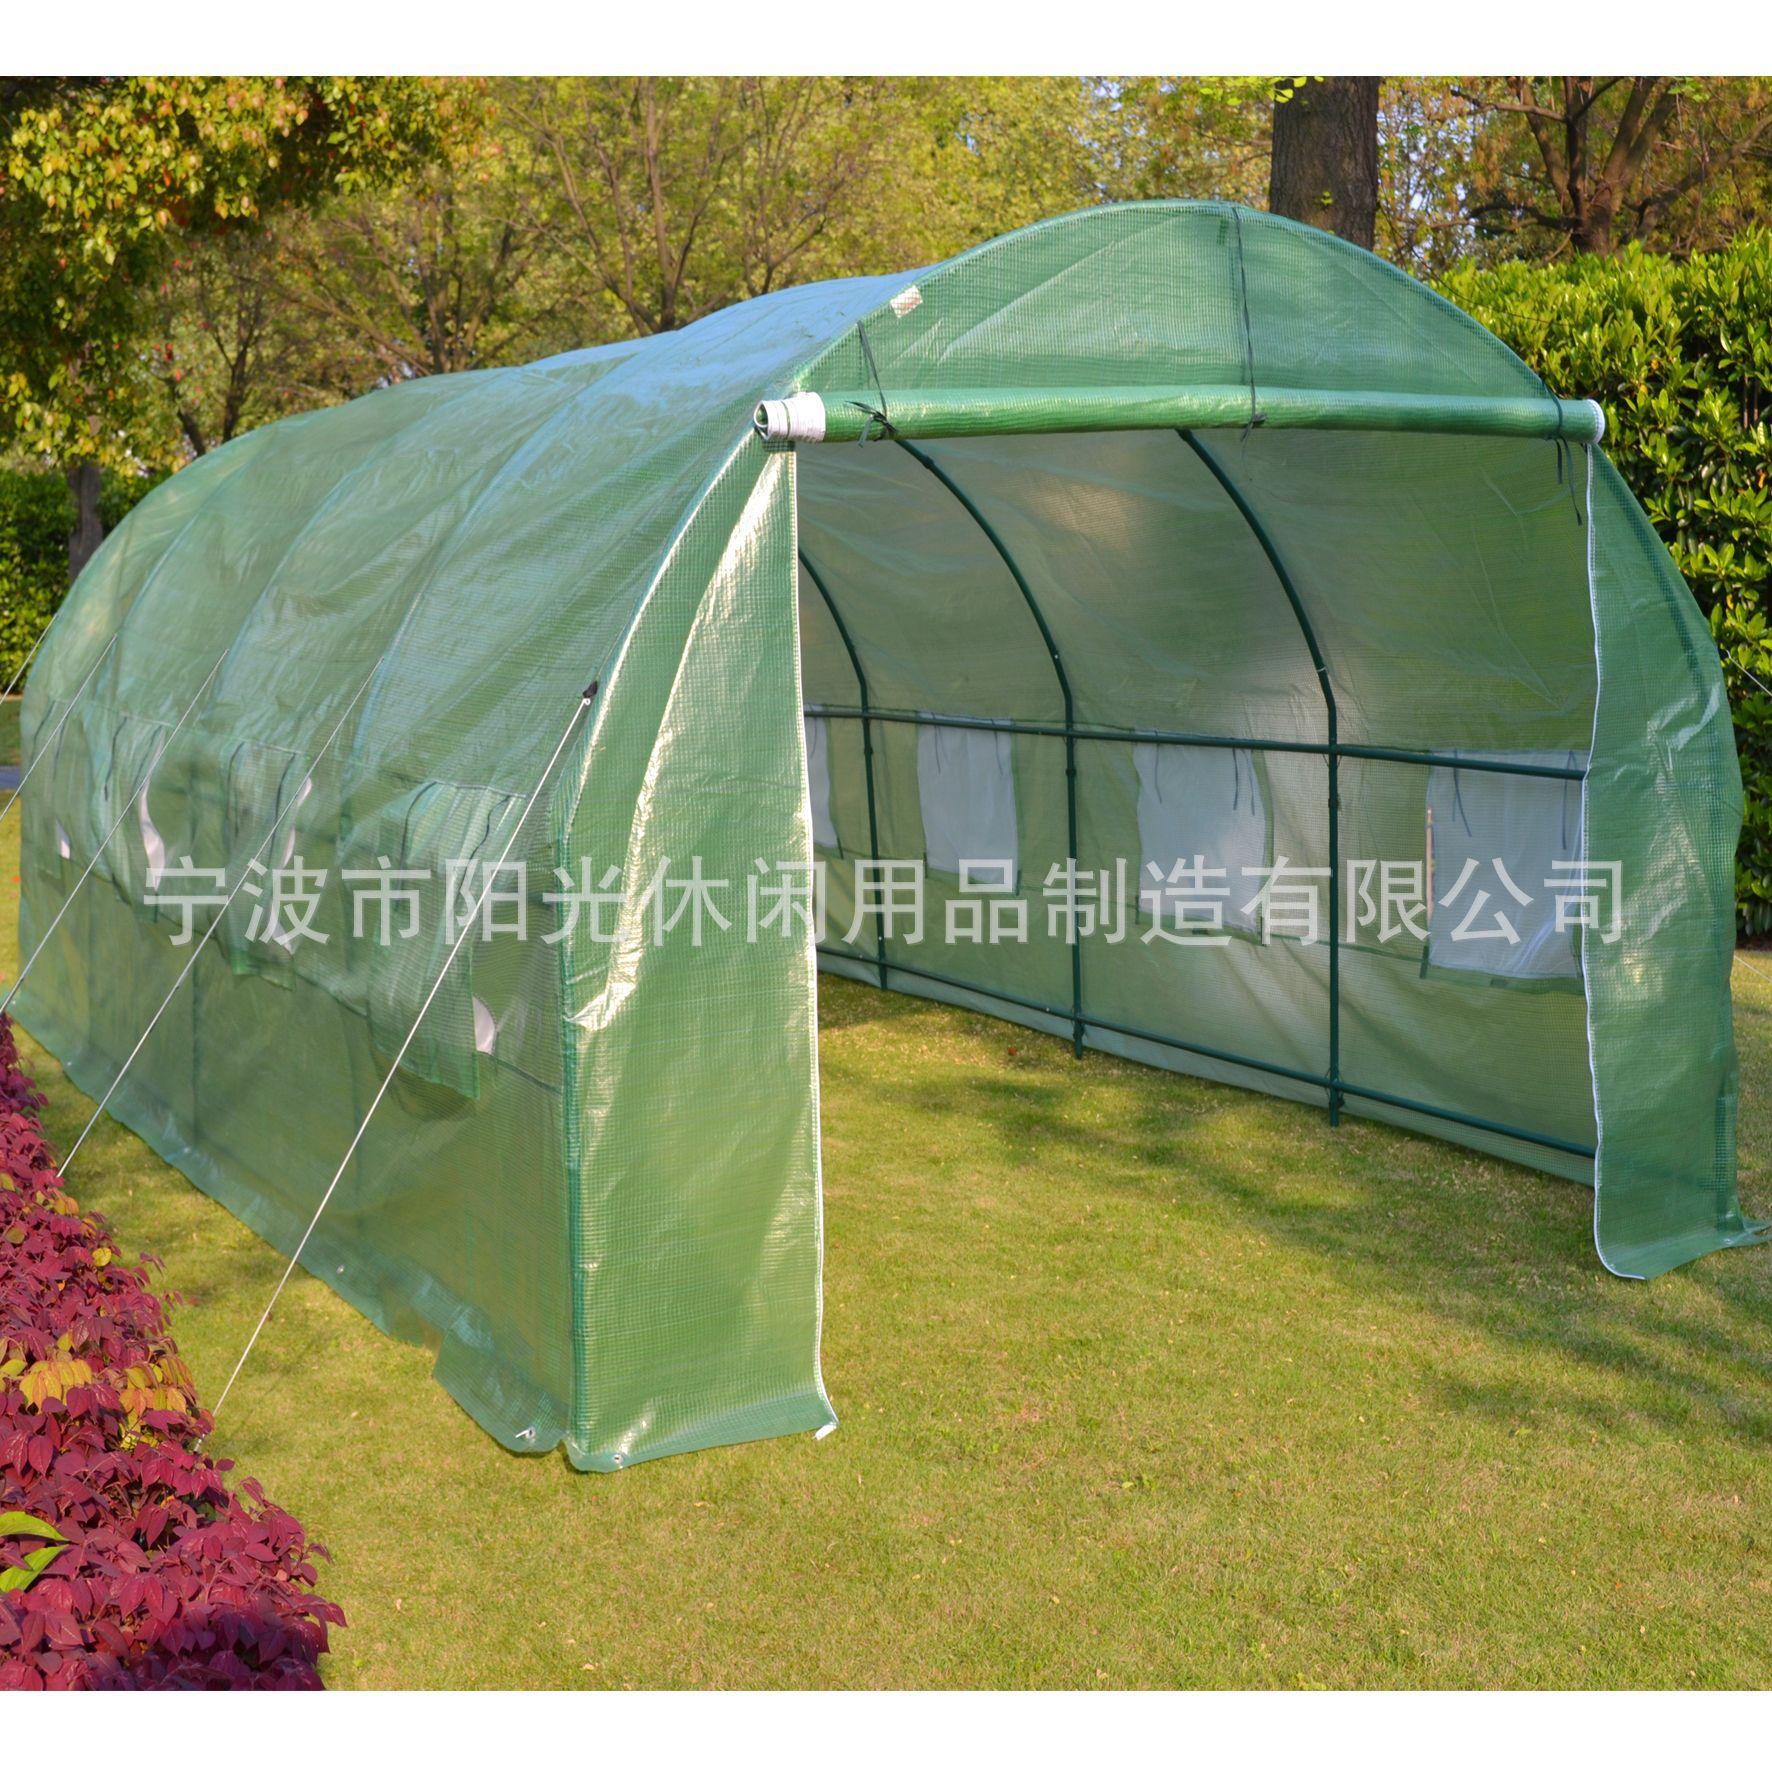 一件代发花房暖房家用动植物花草多肉防冻防雨6米全钢架温室花棚